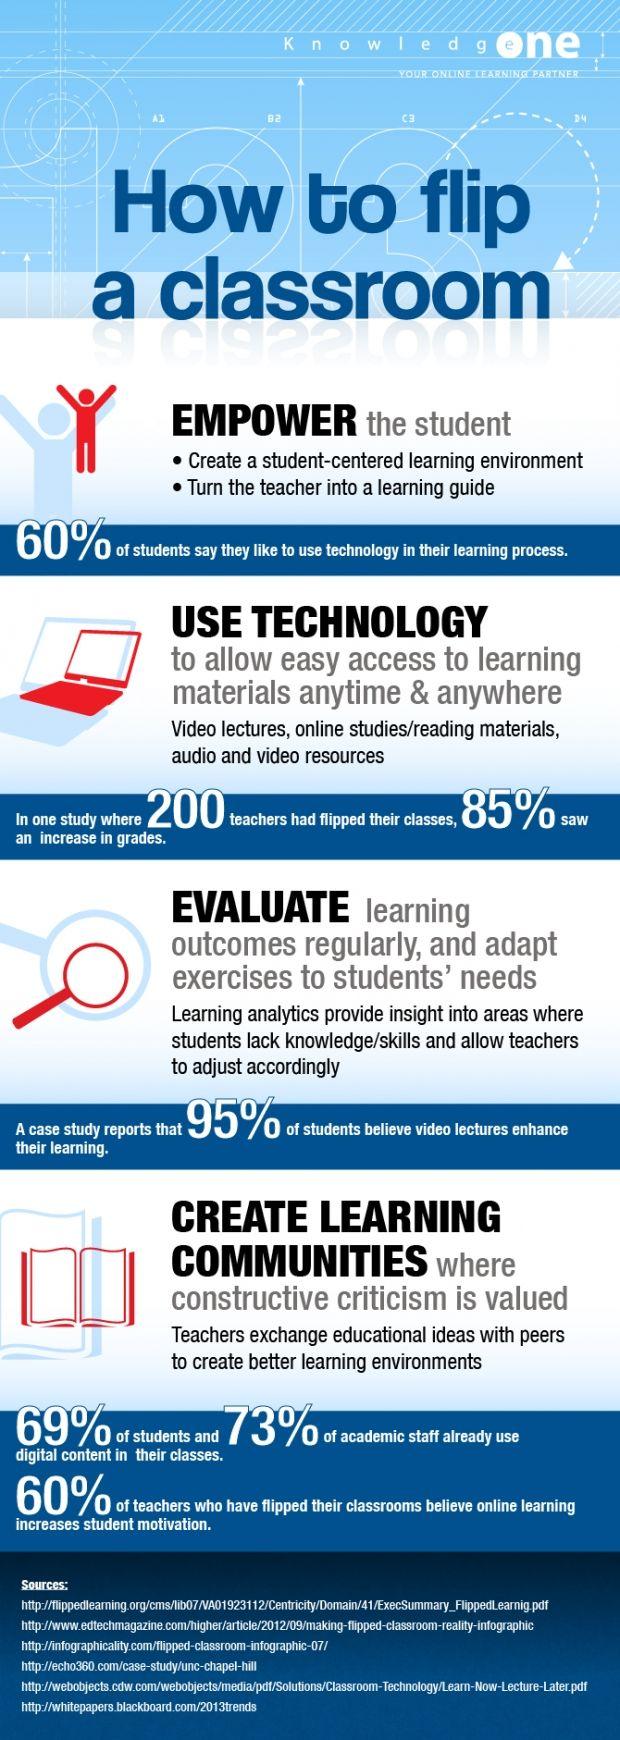 Algunos números muy reveladores. ¿Se te ha ocurrido preguntar a tus alumnos de qué manera les gusta estudiar y aprender? ¿Todavía dudas que pueda tener un rendimiento óptimo esta metodología?